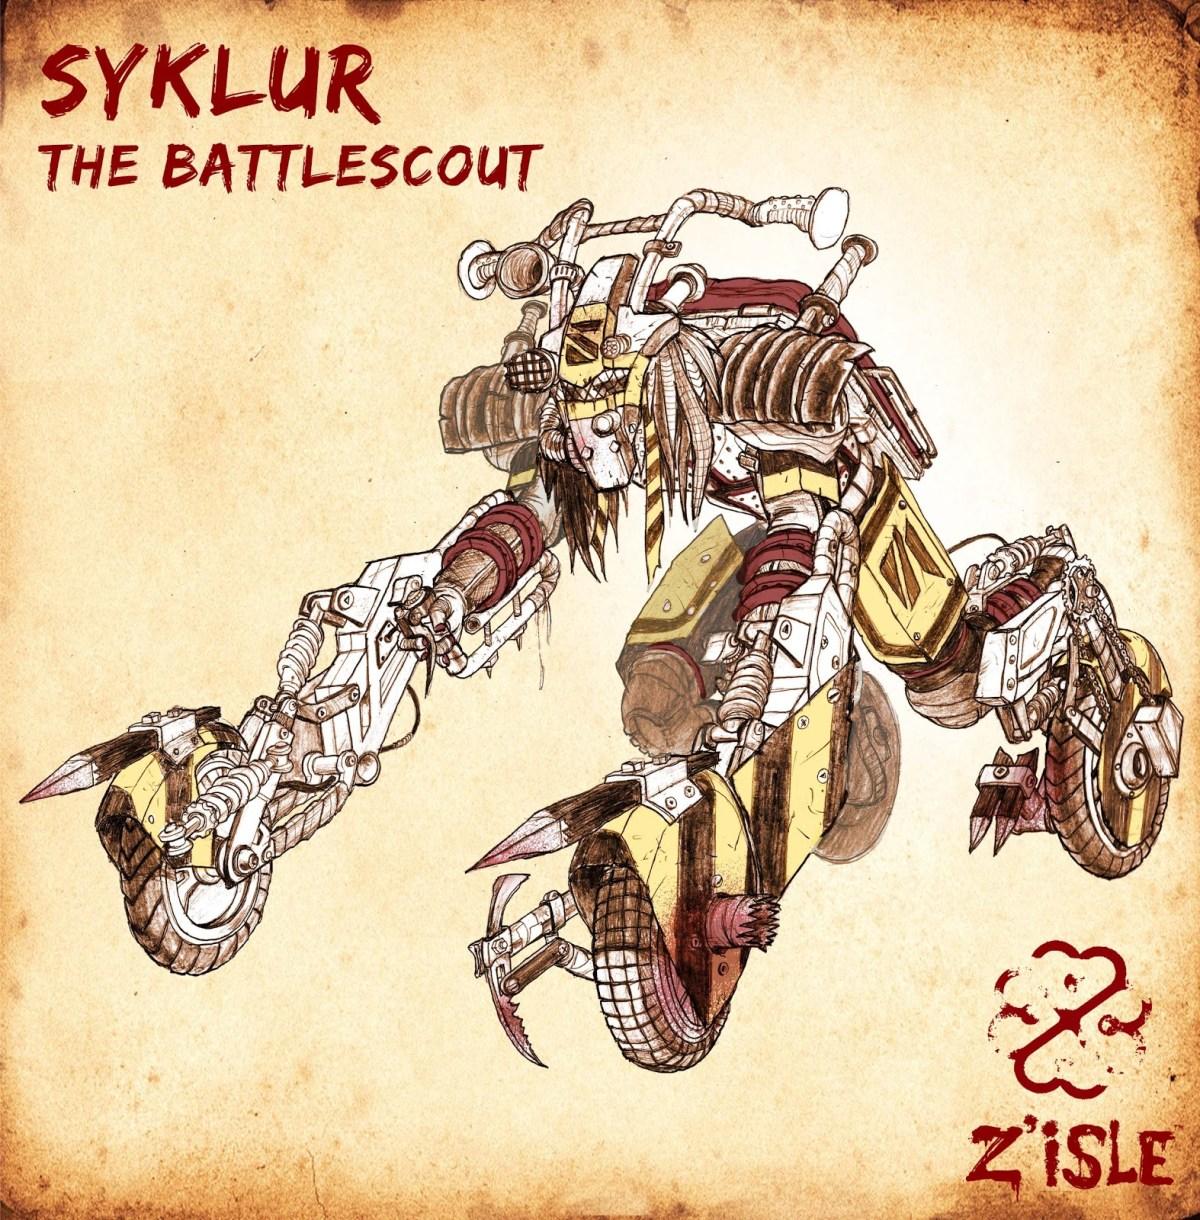 Sneak peek at the Battlescout!